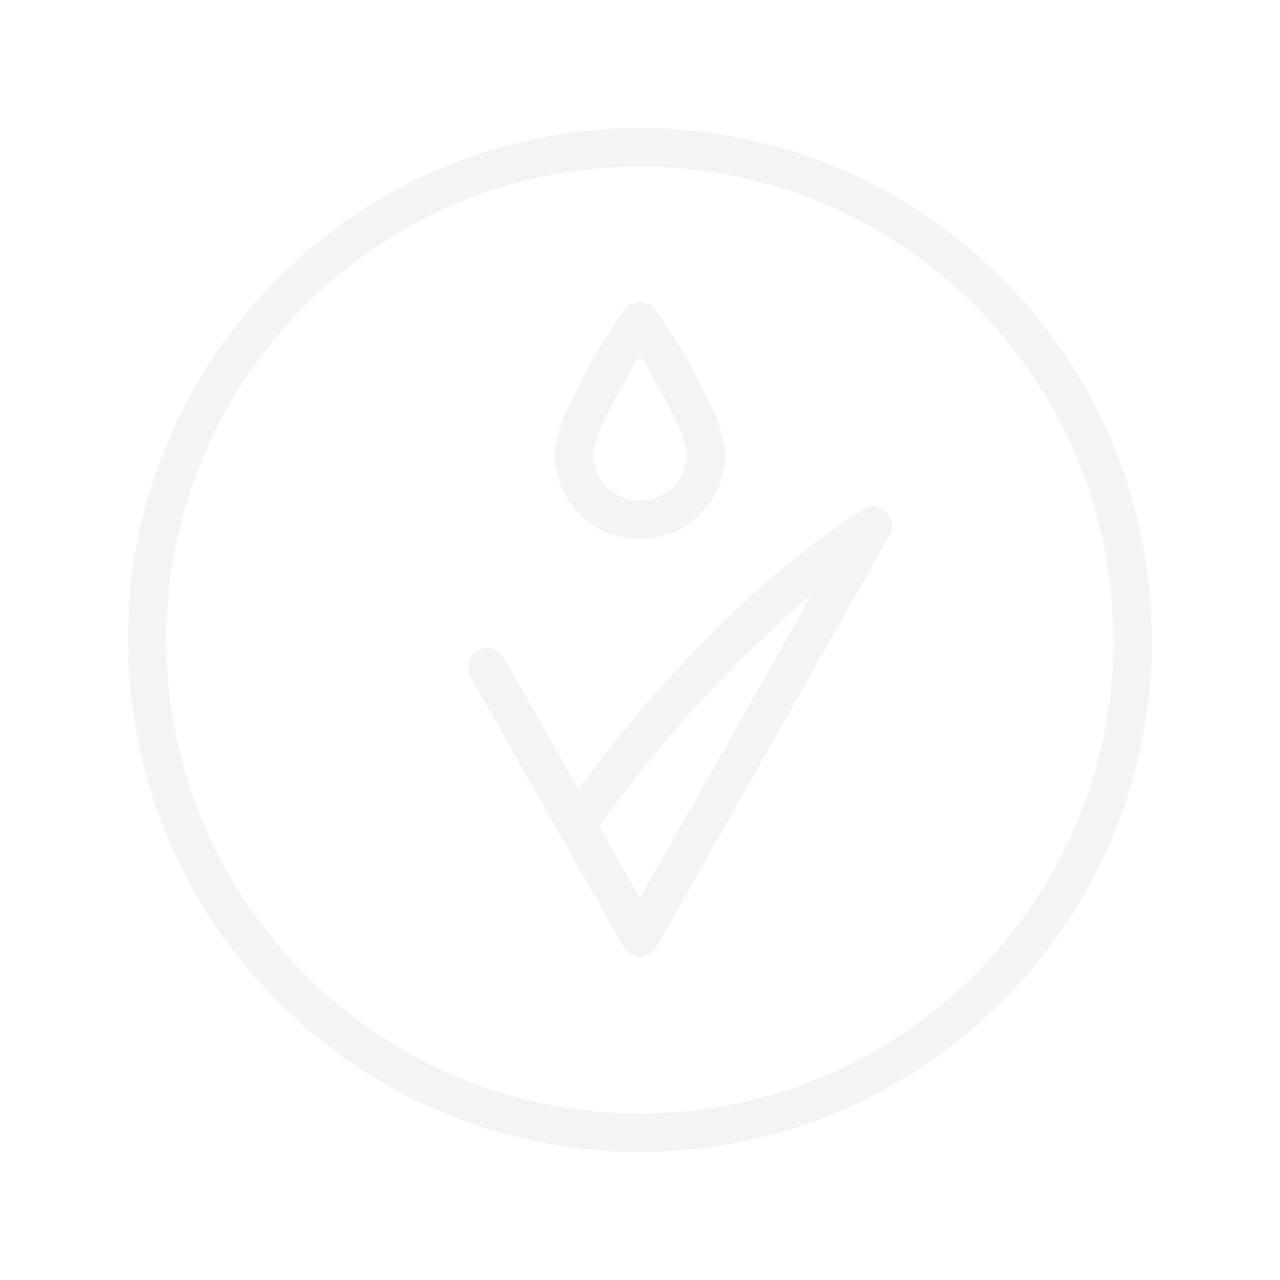 WELLA PROFESSIONALS Invigo Color Brilliance Conditioner (Fine/Normal Hair) 200ml